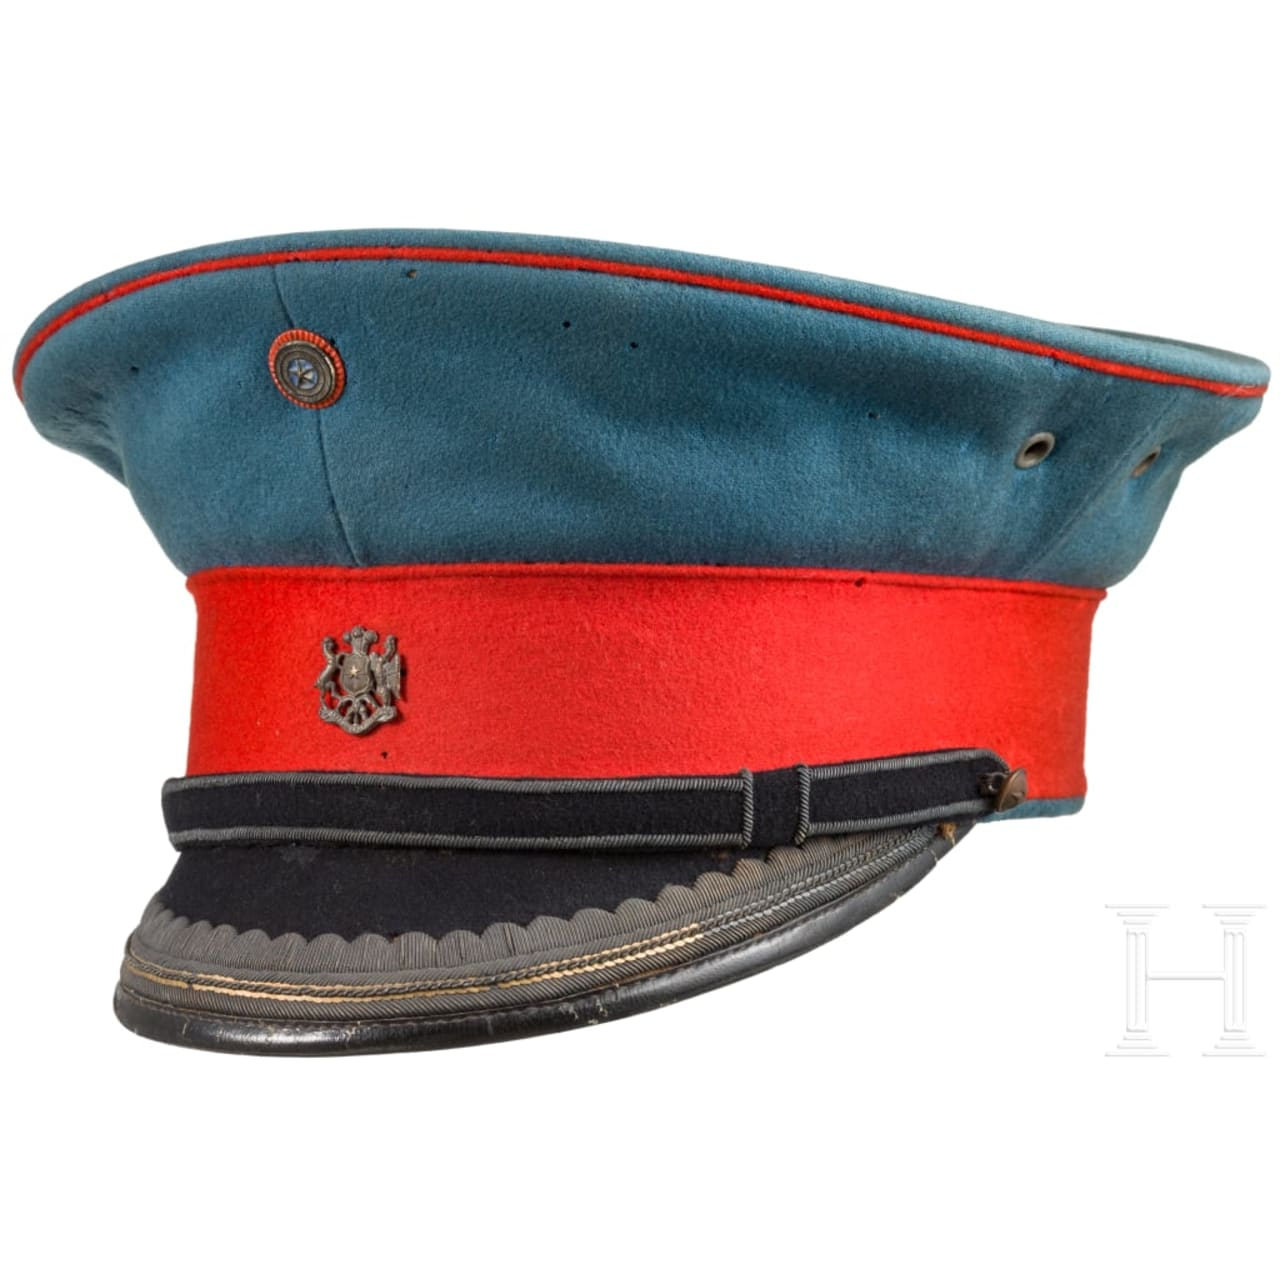 Schirmmütze für Offiziere, 1920er Jahre